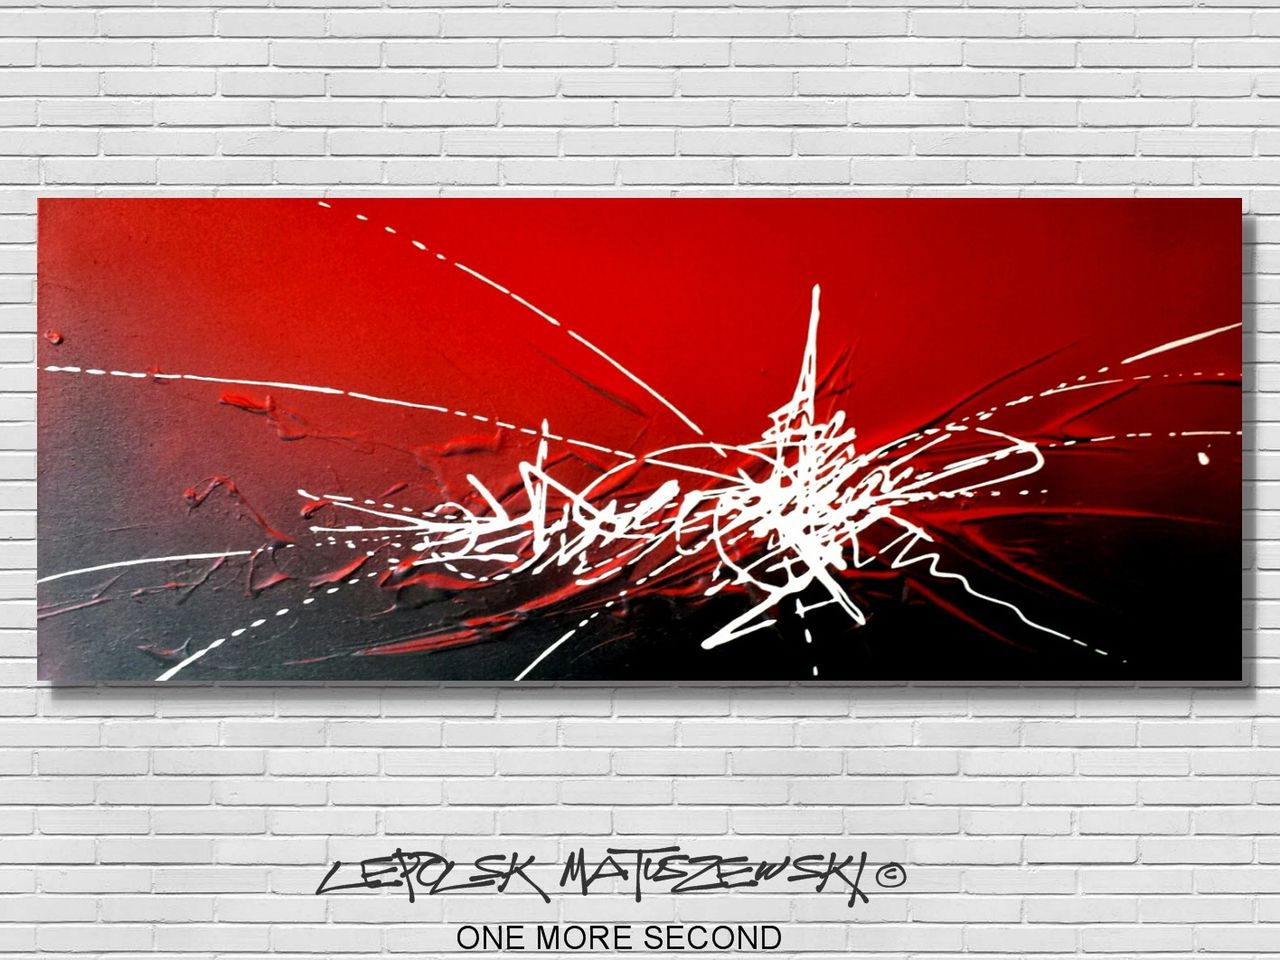 MISTER K  (Lepolsk Matuszewski) ONE MORE SECOND  lepolsk abstract art 2017